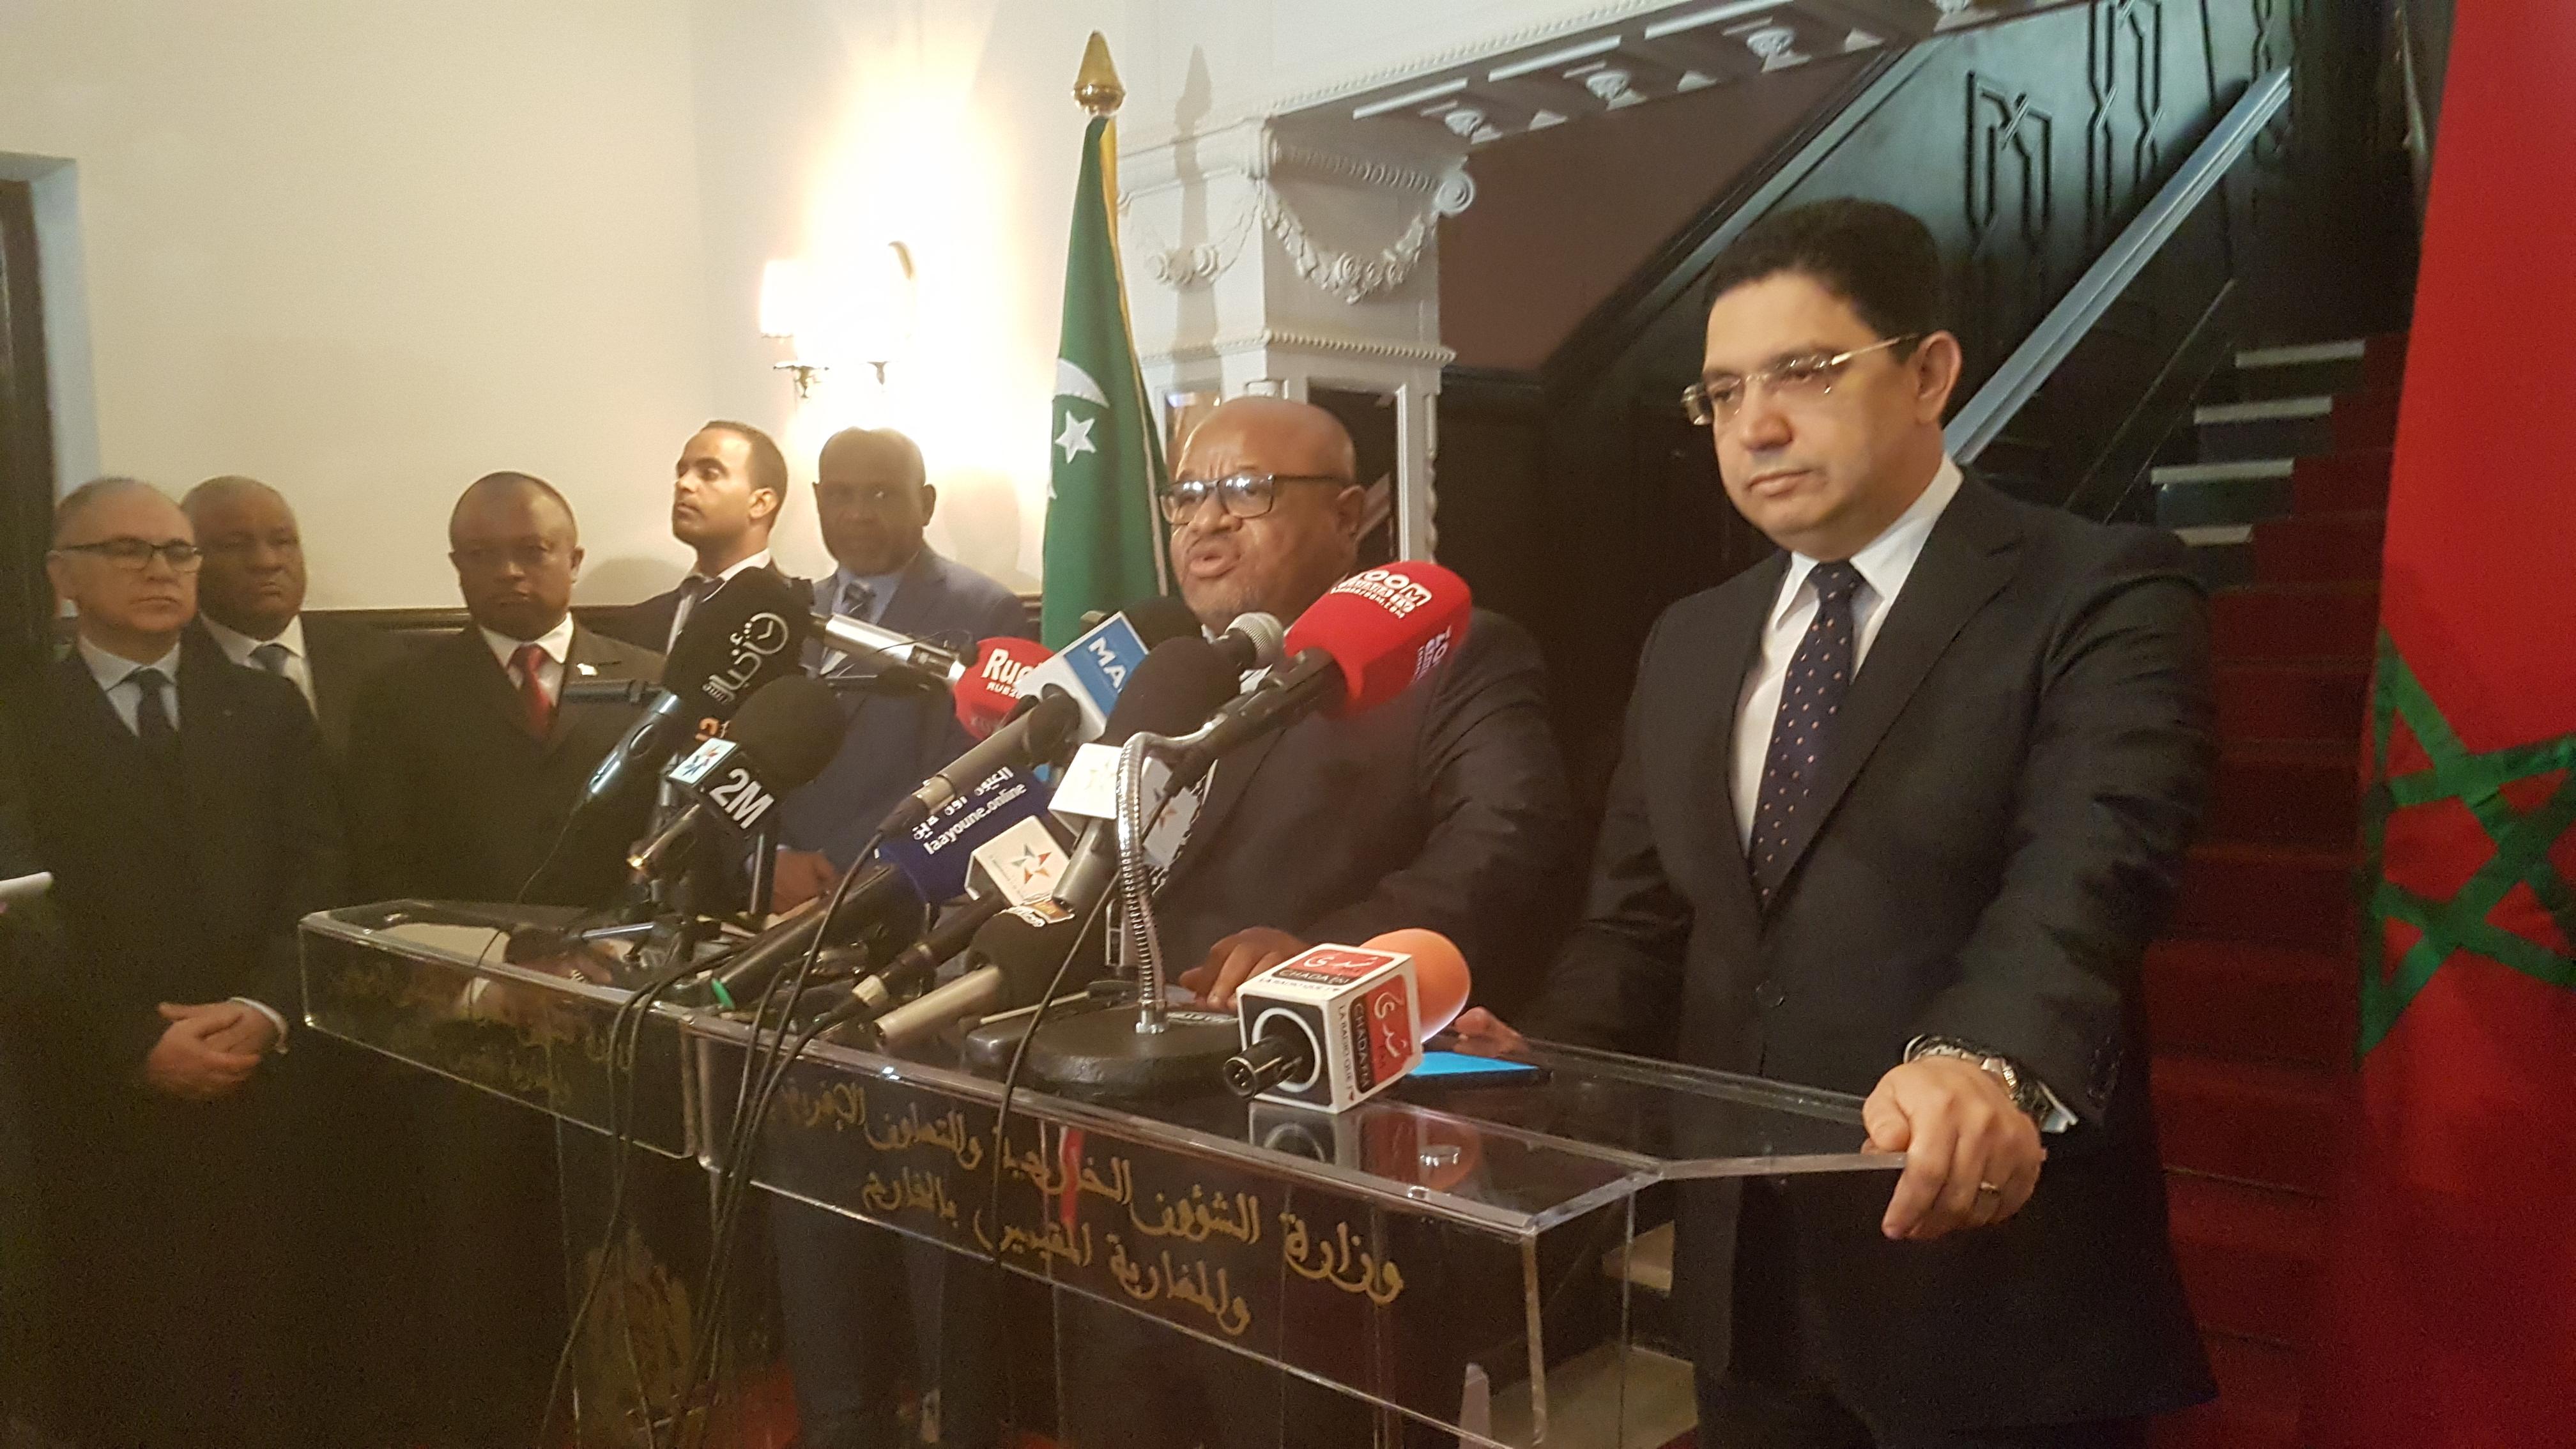 بالفيديو…اللقاء الصحفي لوزير الخارجية المغربي ووزير جزر القمر بالعيون